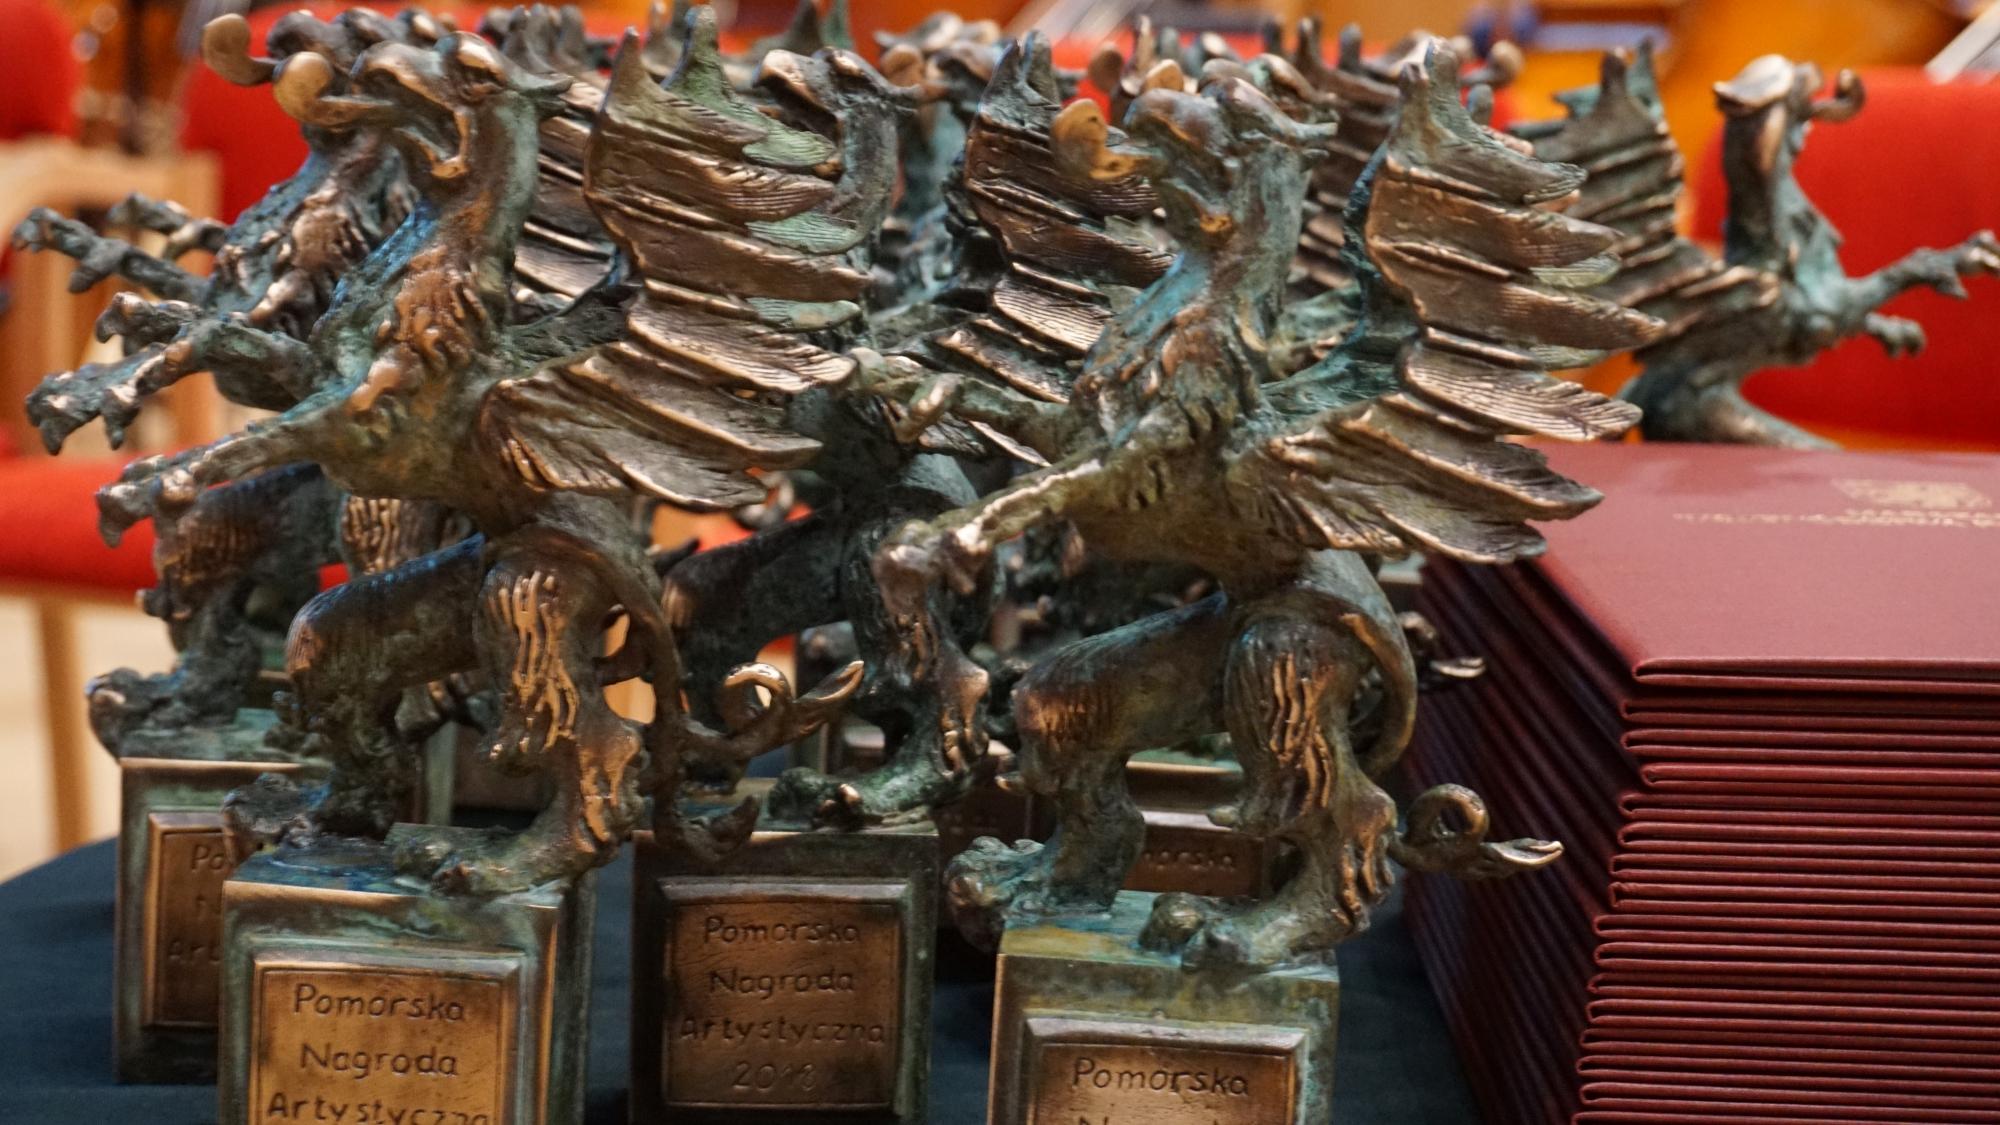 Kto odbierze statuetki Pomorskiej Nagrody Artystycznej? Kiedy poznamy zwycięzców?